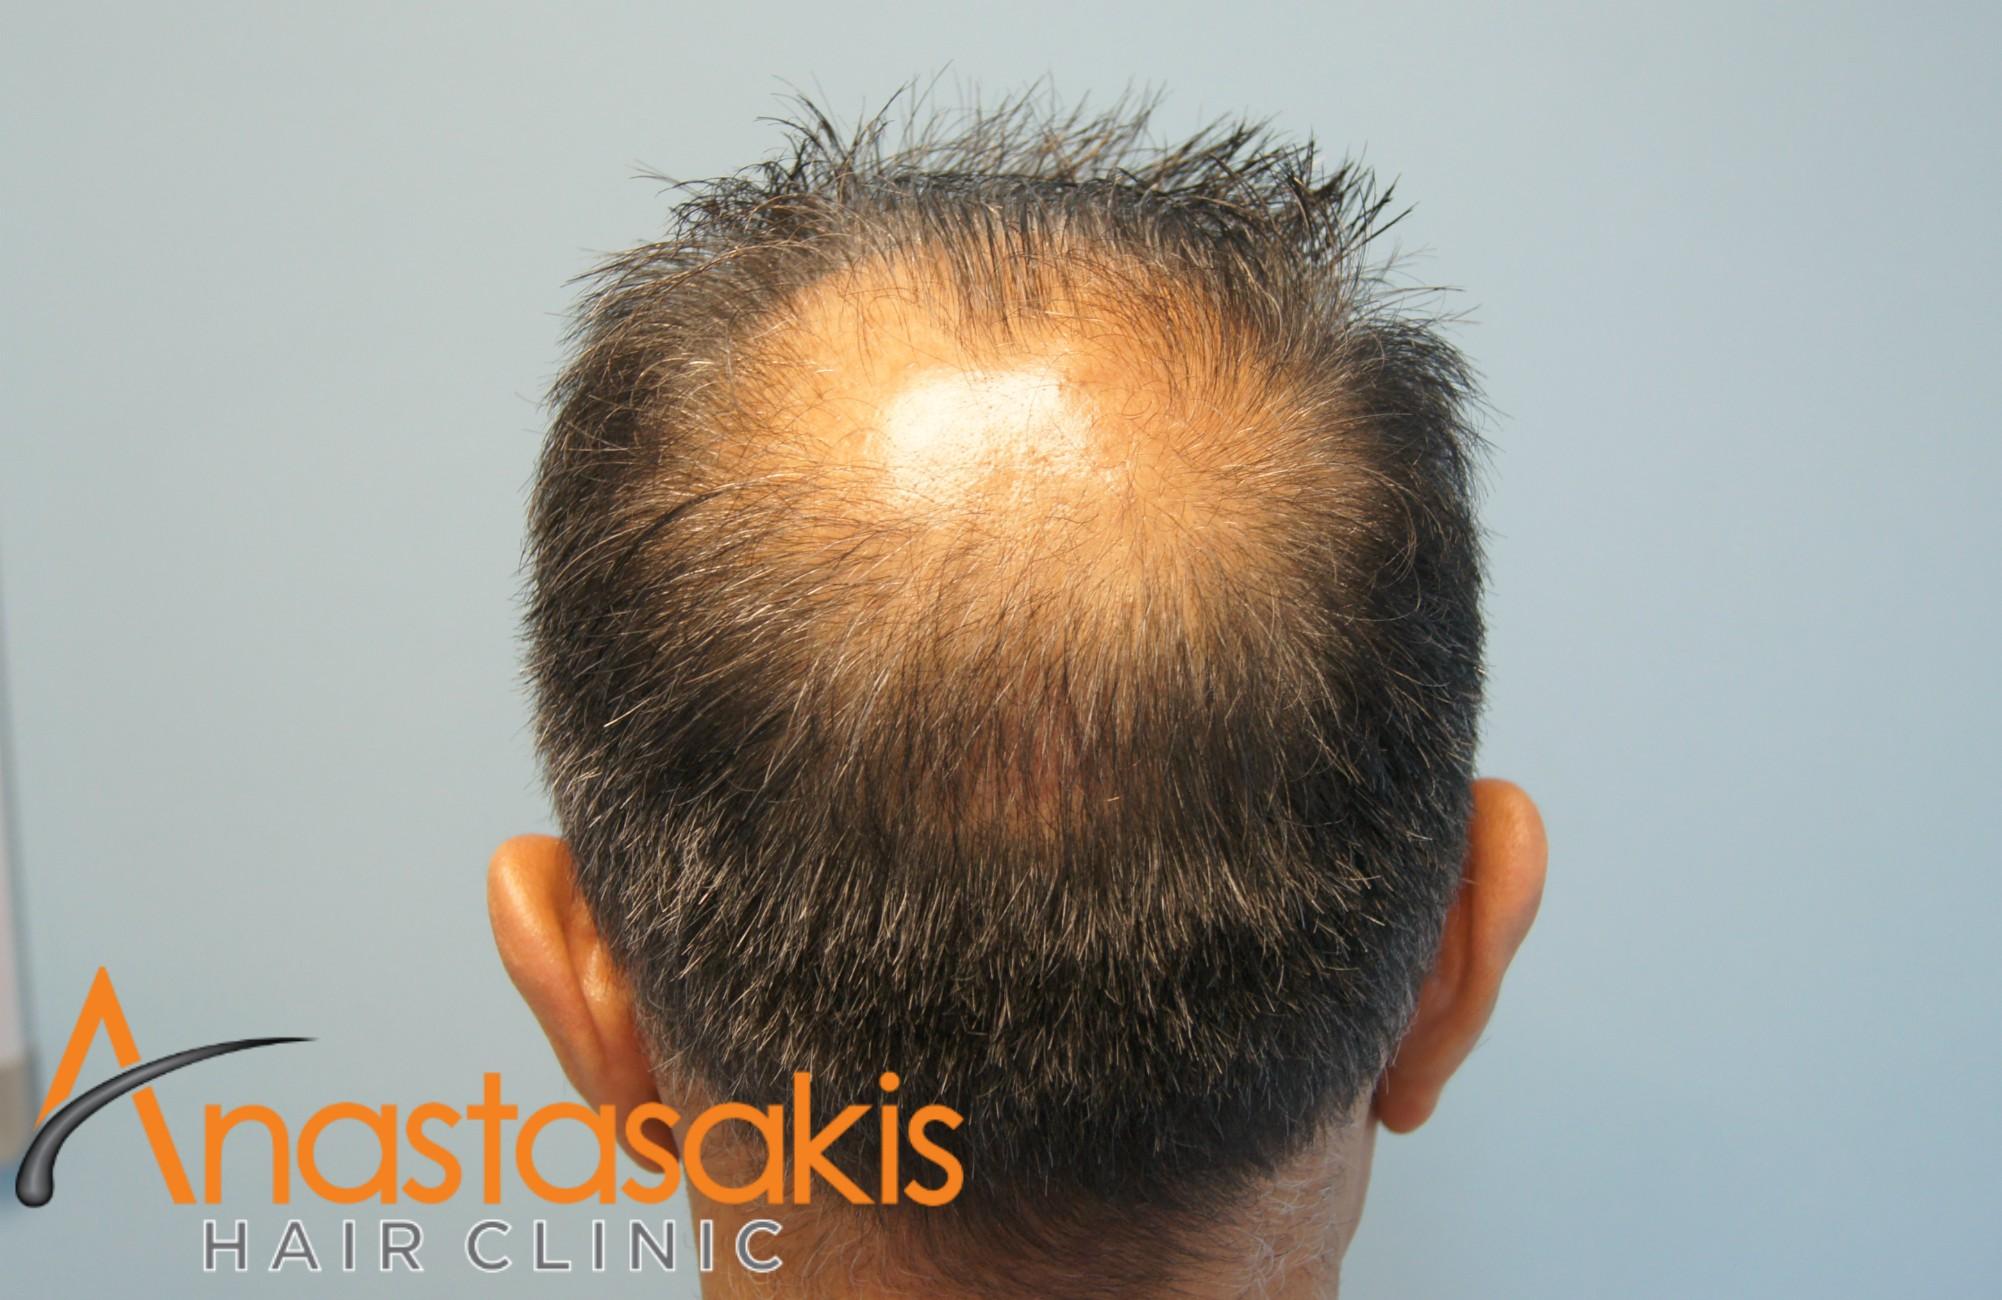 δοτρια ασθενους πριν τη μεταμοσχευση μαλλιων με 3000 fus